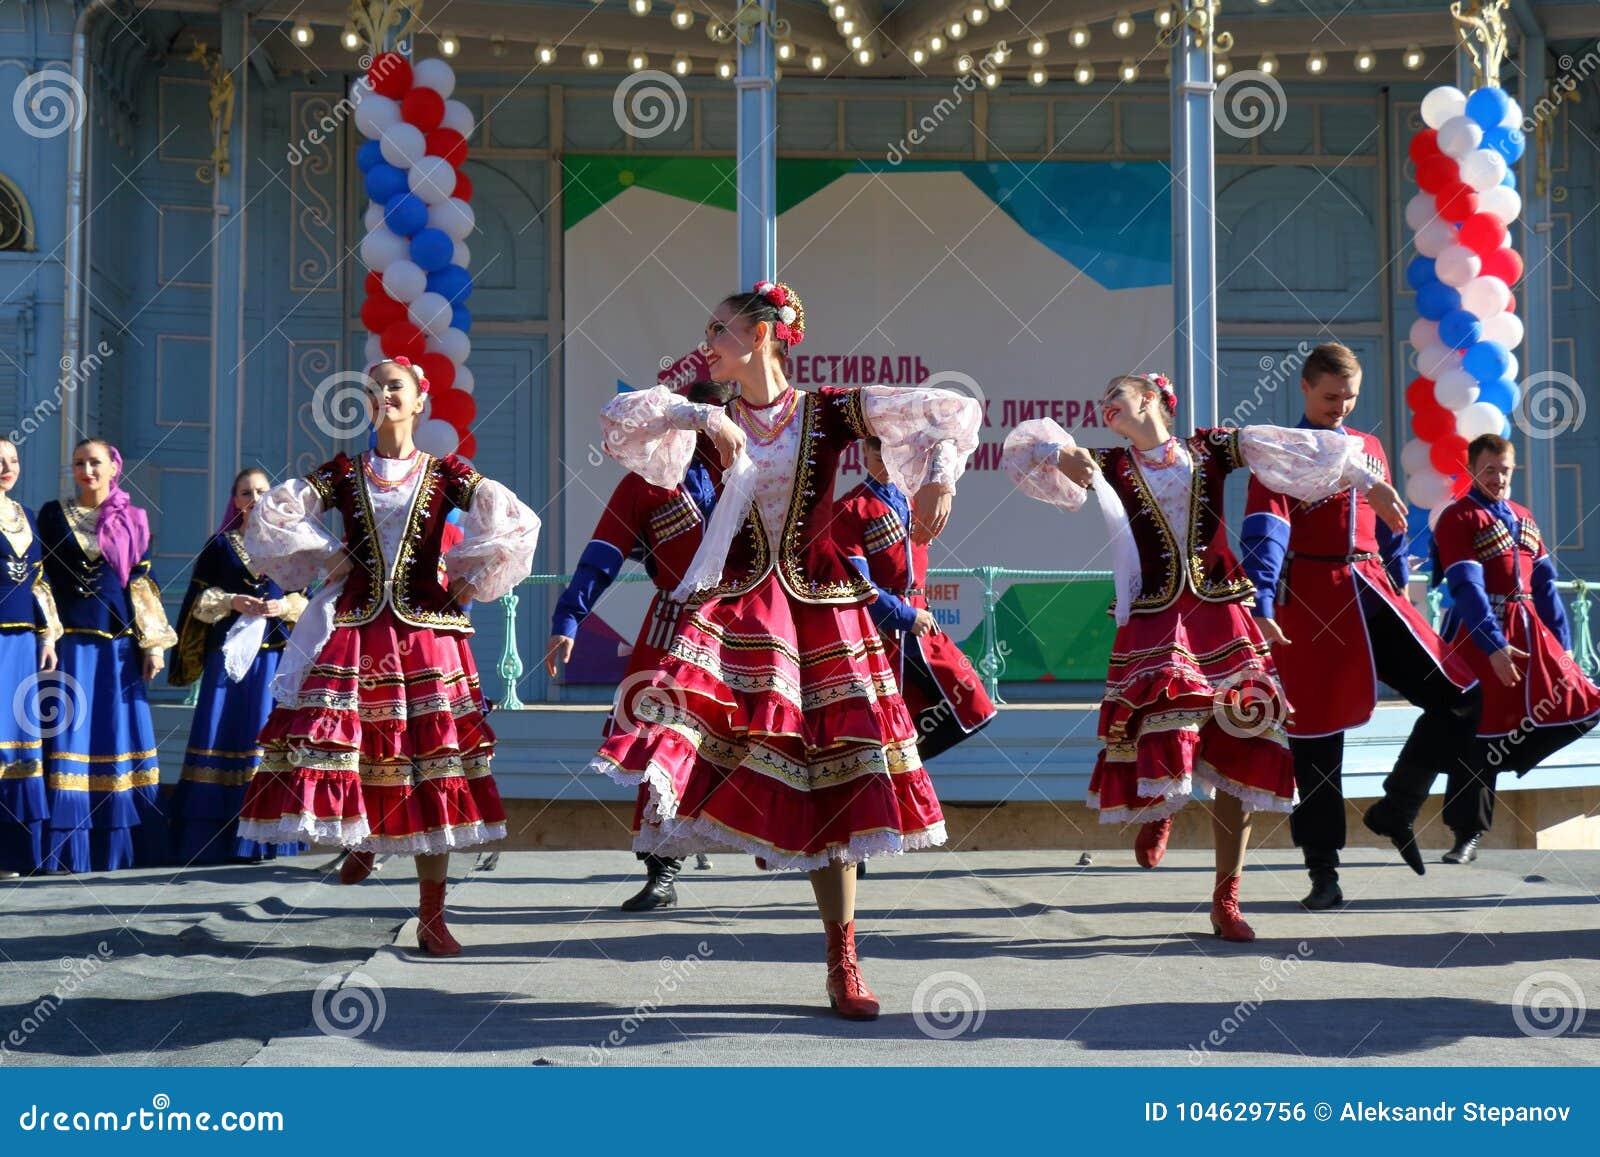 Download De Kozakdans In Traditionele Kleren Pyatigorsk, Rusland Redactionele Foto - Afbeelding bestaande uit helder, openlucht: 104629756